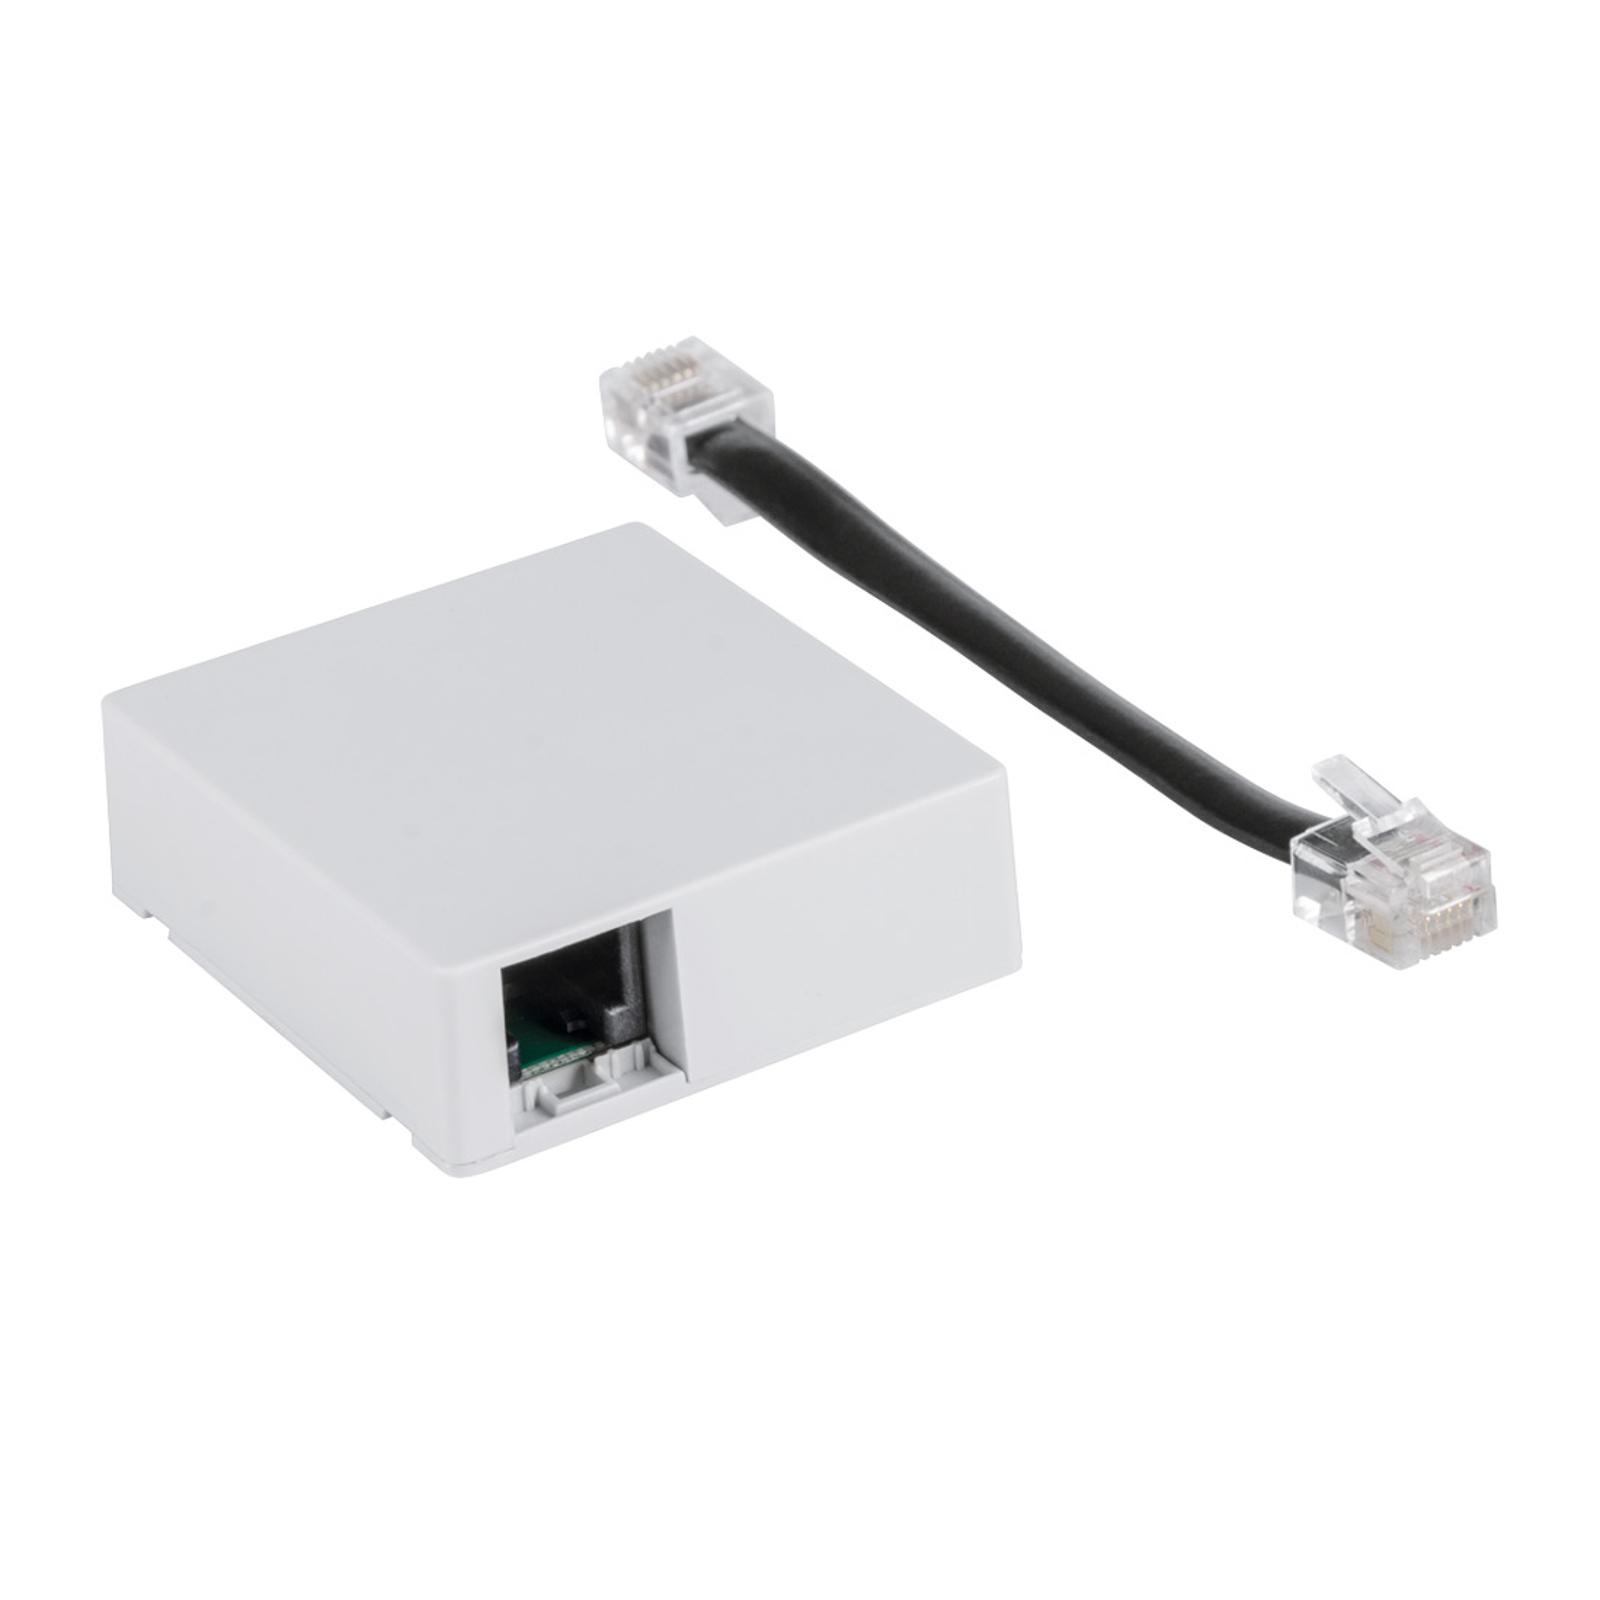 Homematic IP adaptermodul för Hörmann-drivsystem